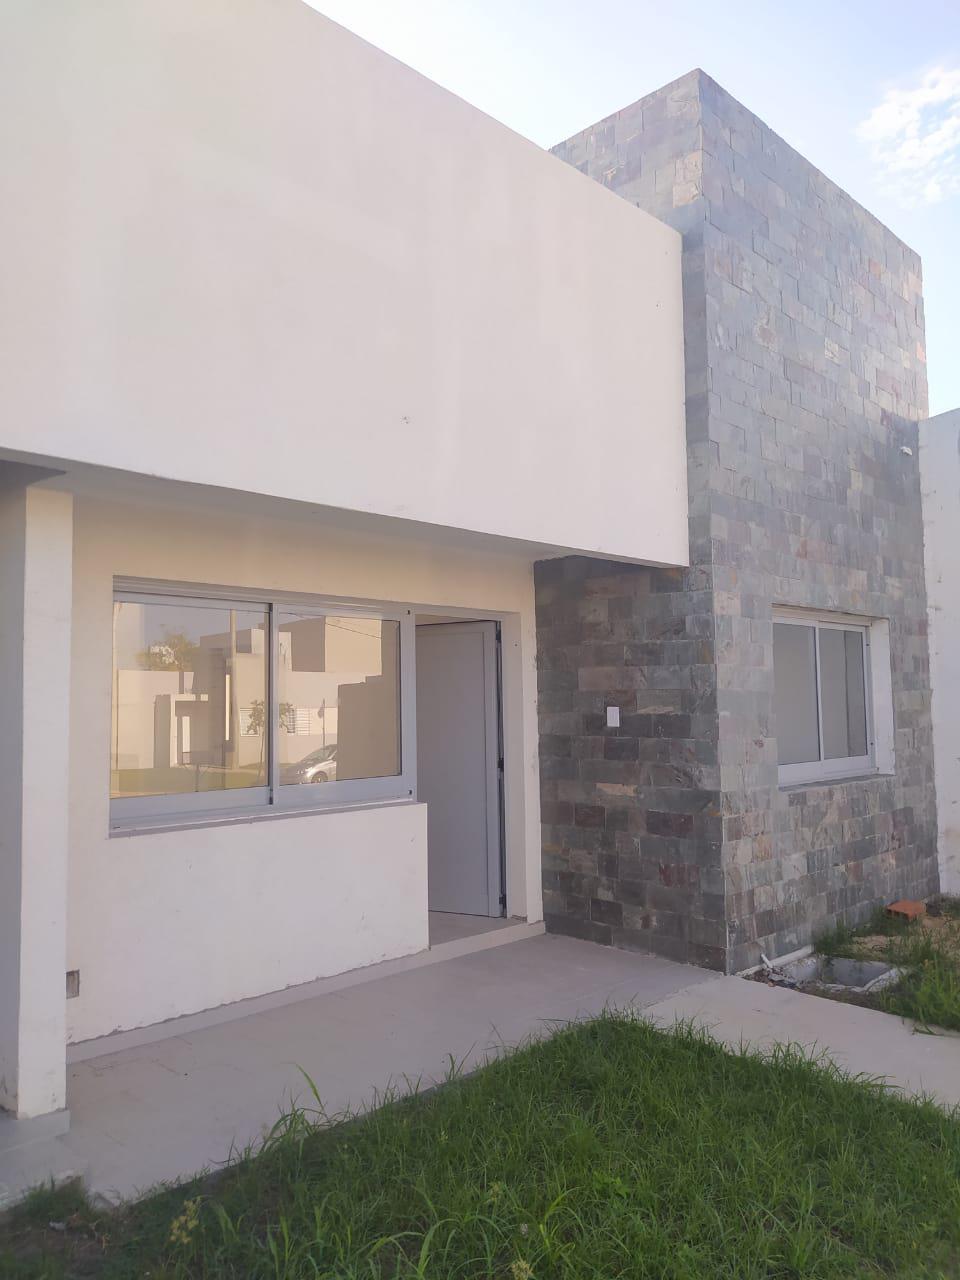 Sargento Cabral 1552 - Gaggiotti Inmobiliaria cuenta con más de 50 años desde que se inicio en el negocio de los servicios inmobiliarios.